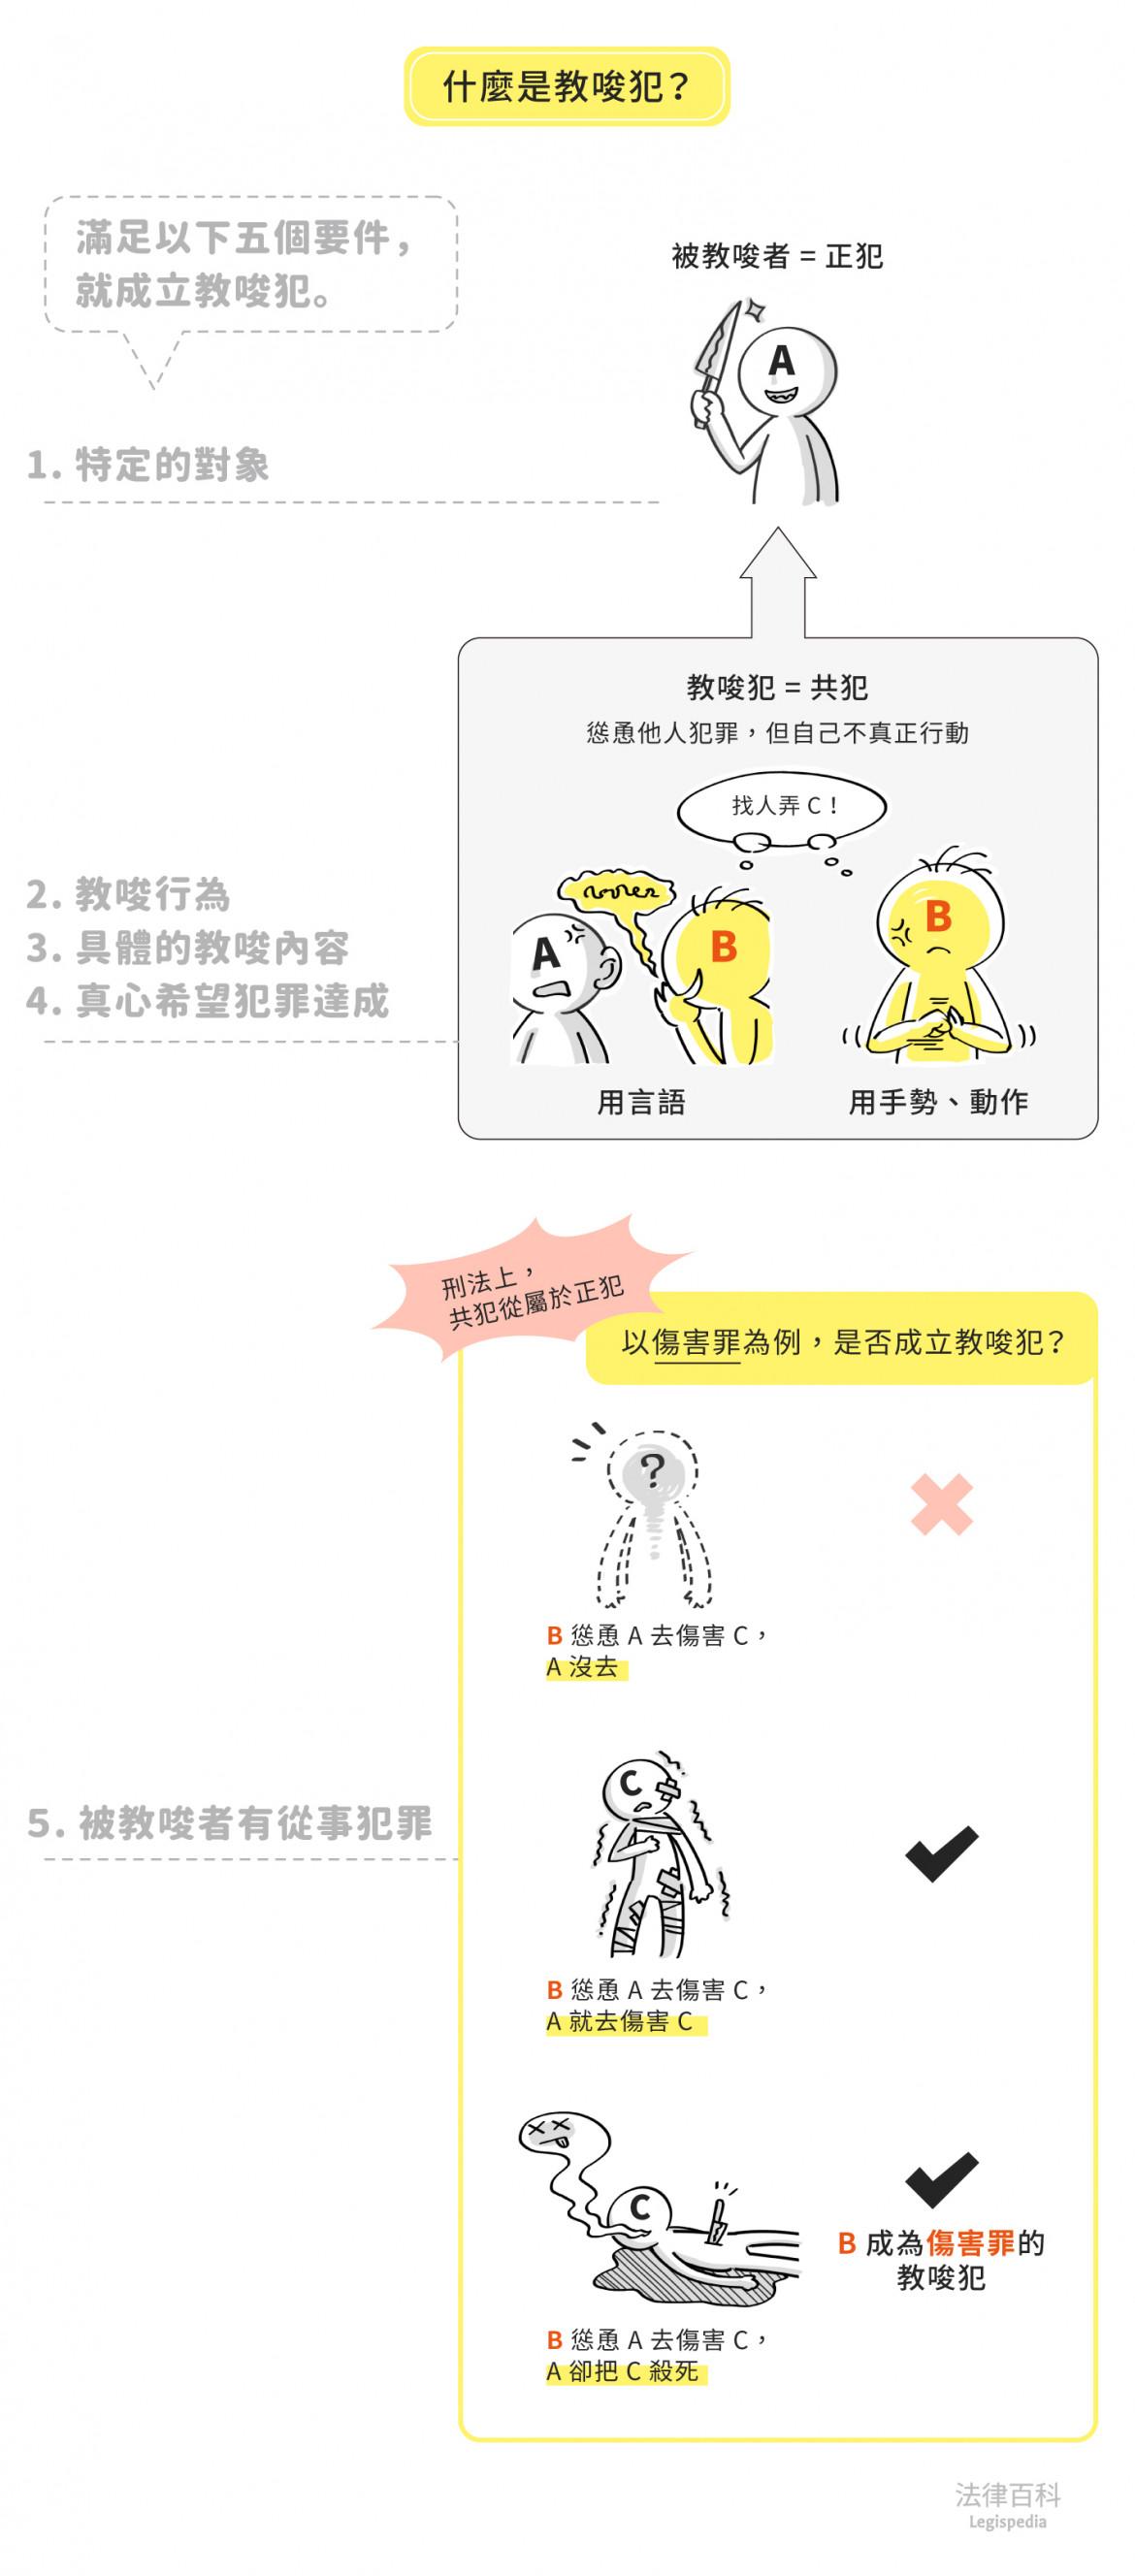 圖1 什麼是教唆犯?||資料來源:劉立耕 / 繪圖:Yen